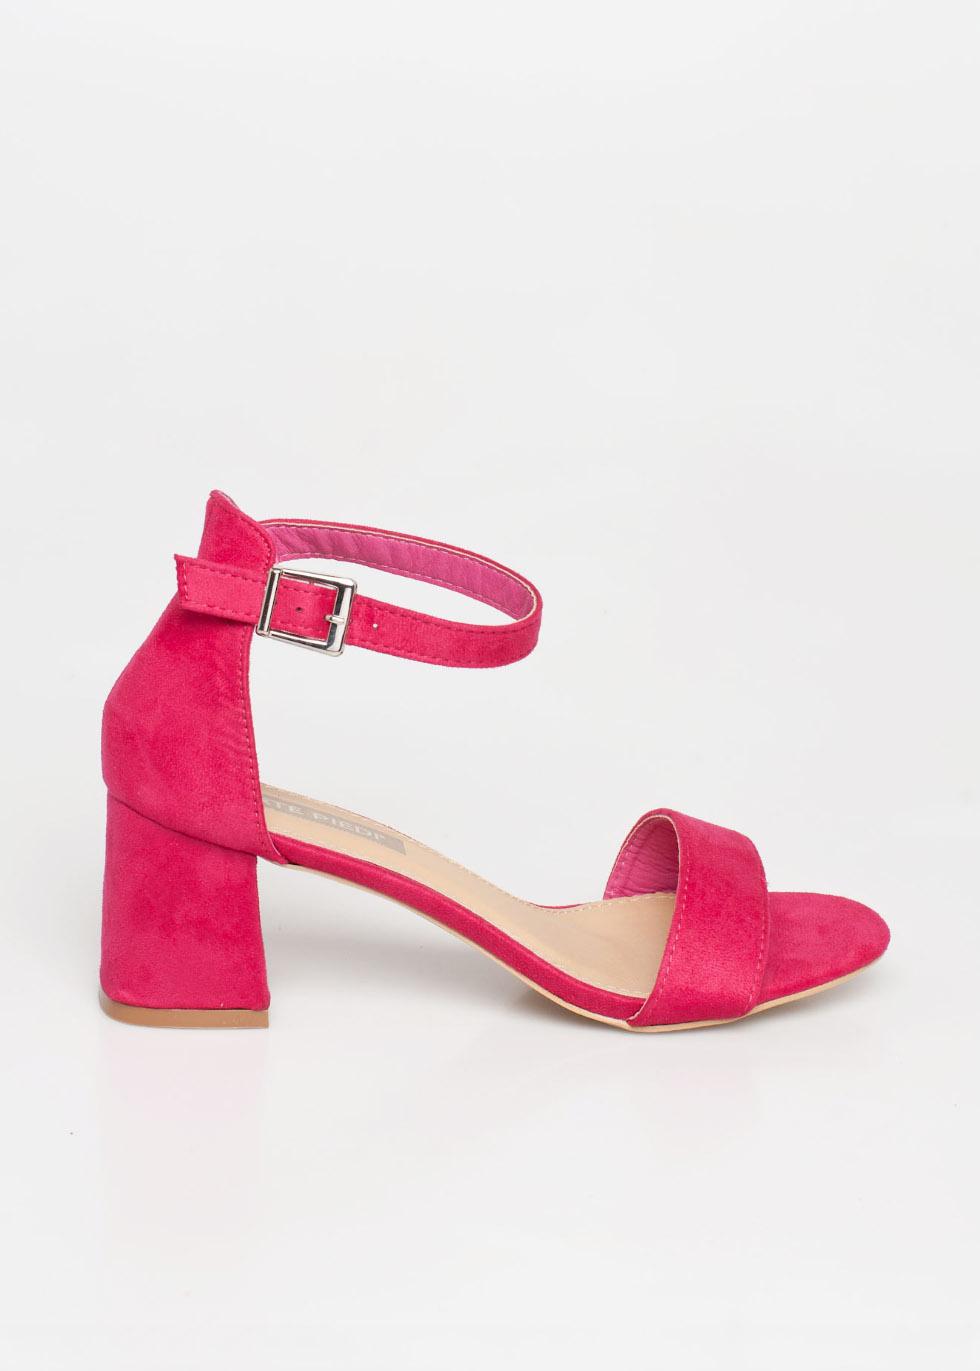 Γυναικεία παπούτσια ebdfec20bff